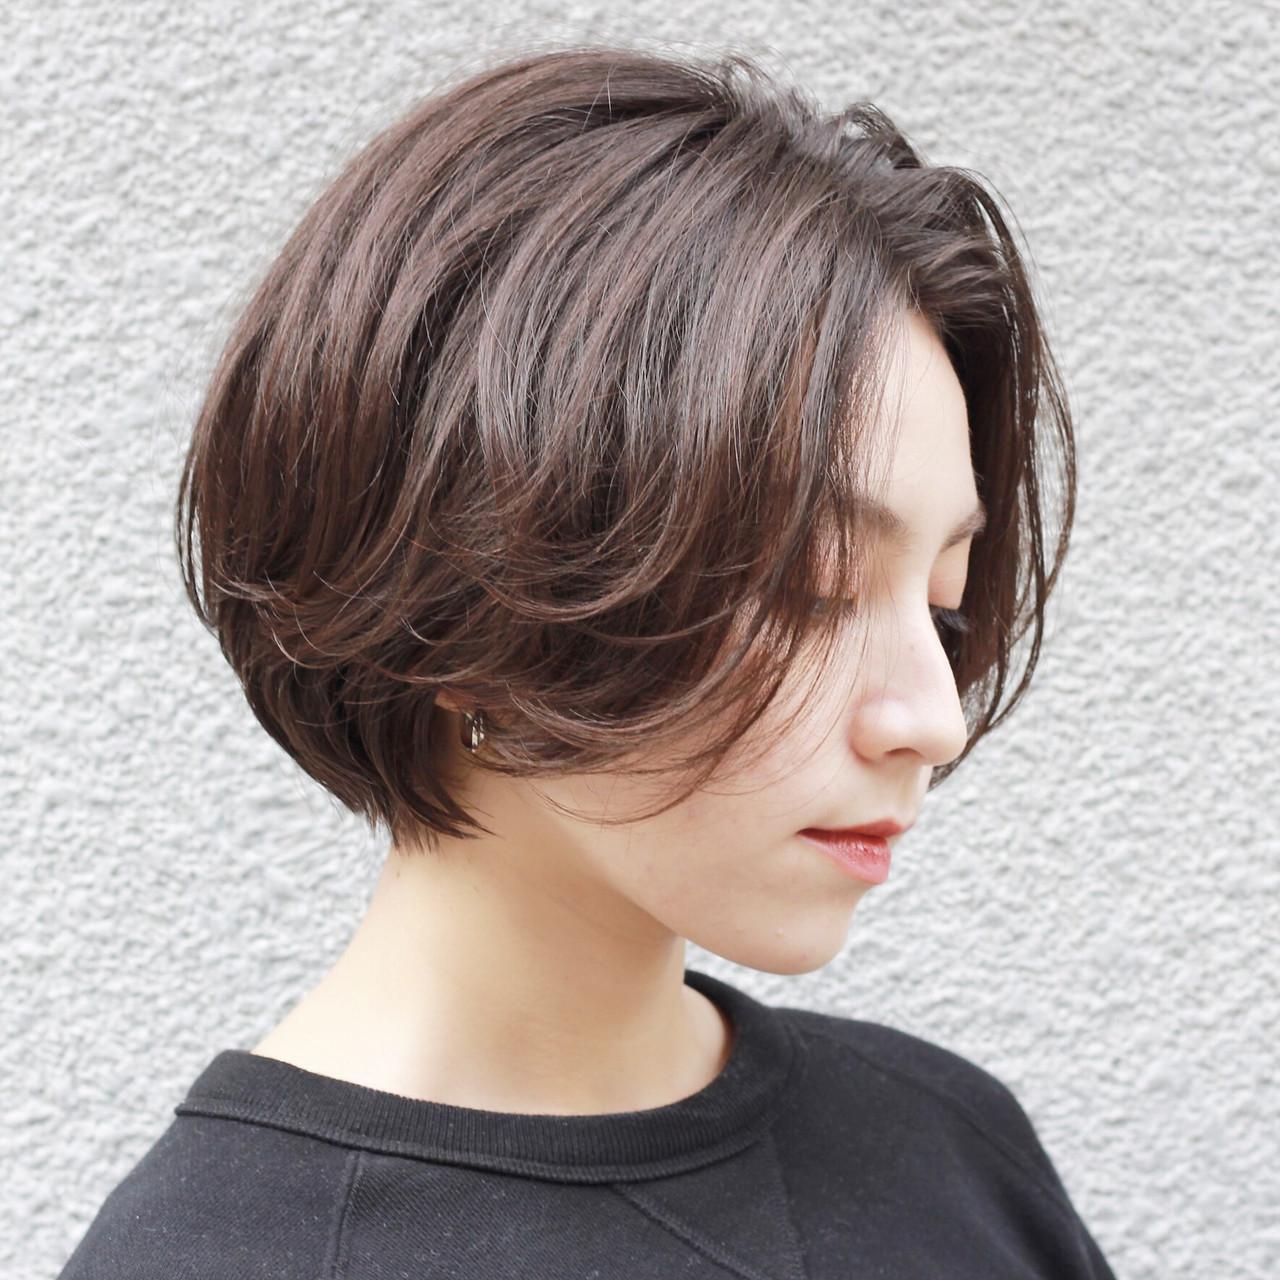 モテボブ ナチュラル 外国人風カラー ショートボブ ヘアスタイルや髪型の写真・画像